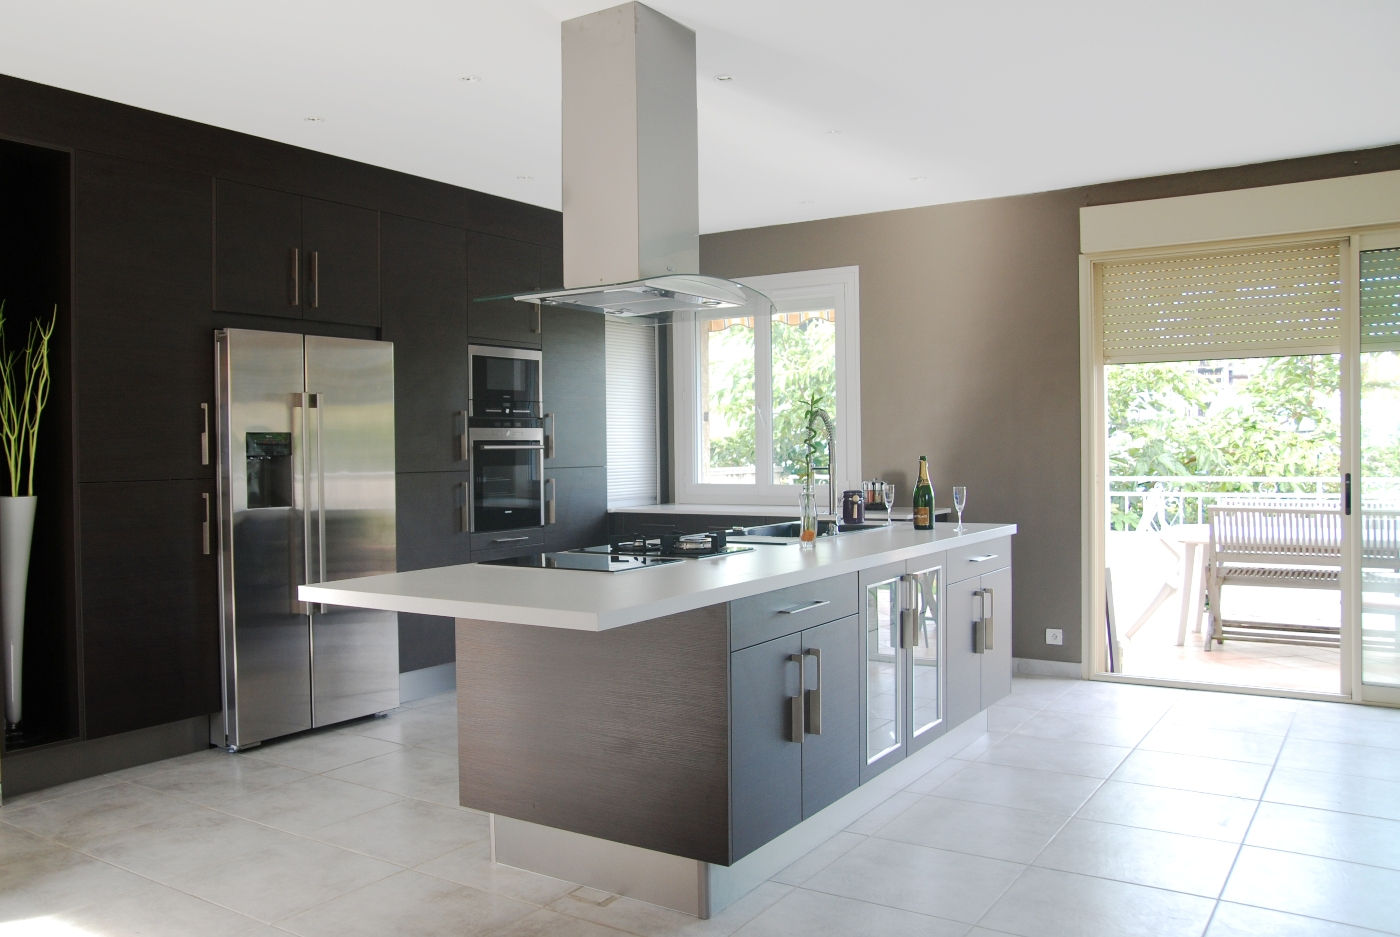 faure agencement perene lyon cuisines salle de bains rangement concessionnaire perene du. Black Bedroom Furniture Sets. Home Design Ideas